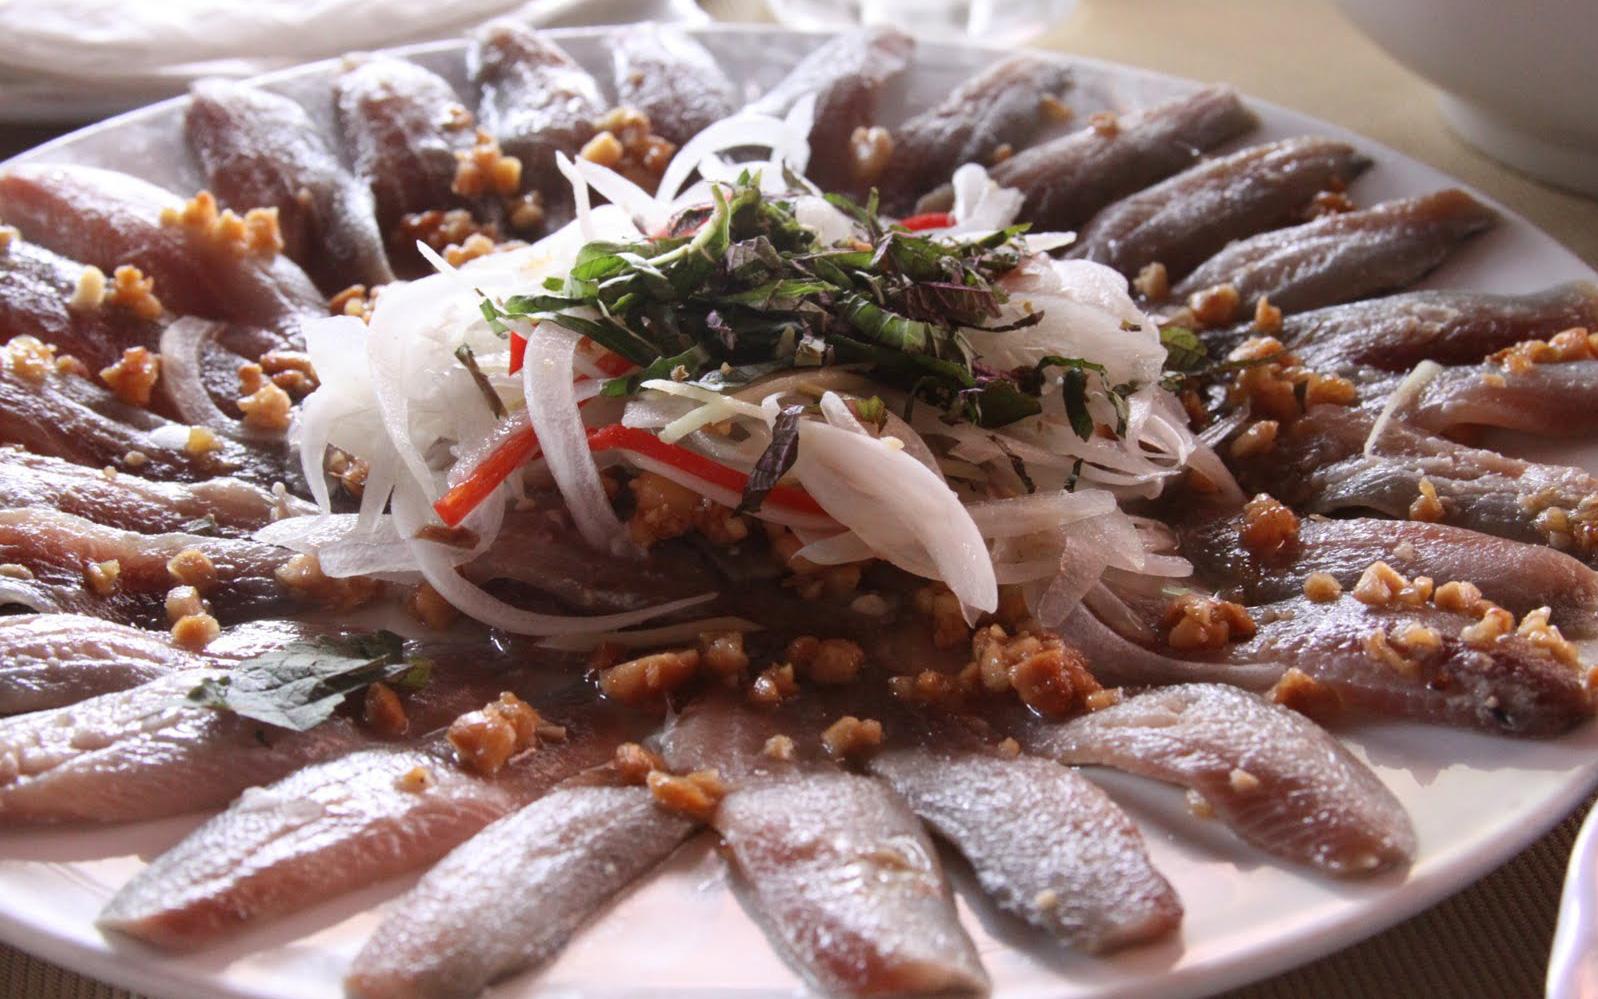 """5 loại cá có khả năng biến thành """"độc dược"""", được khuyên nên ăn ít kẻo ung thư tìm đến"""